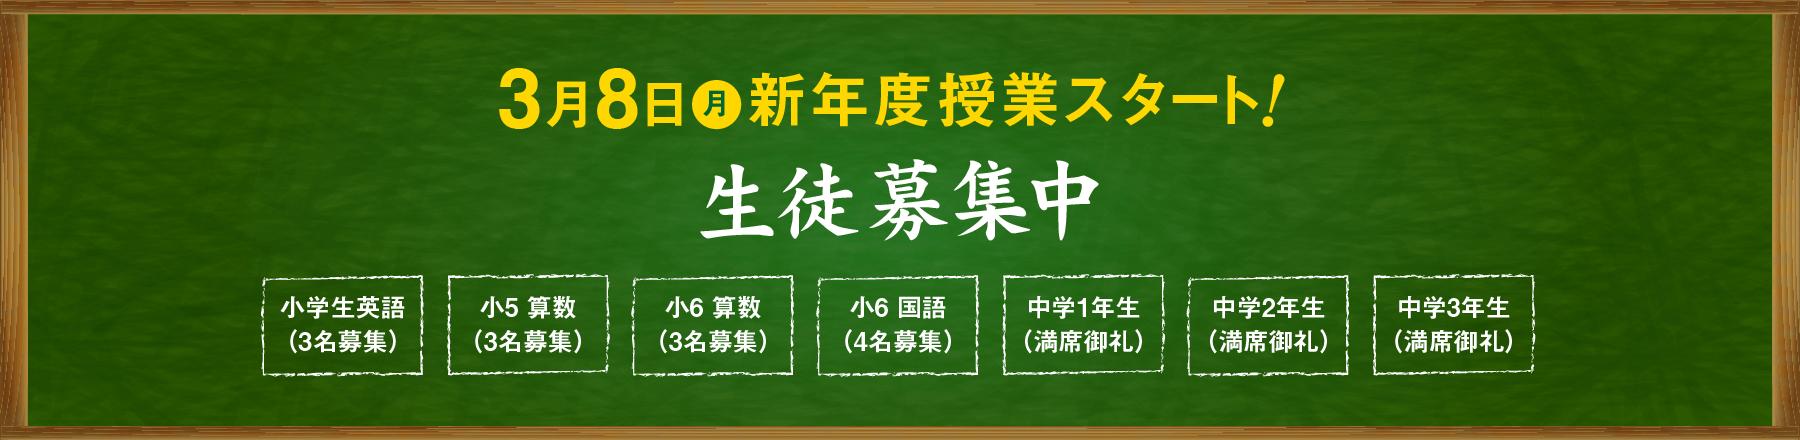 生徒募集中|土浦市真鍋の進学塾「代門学院」